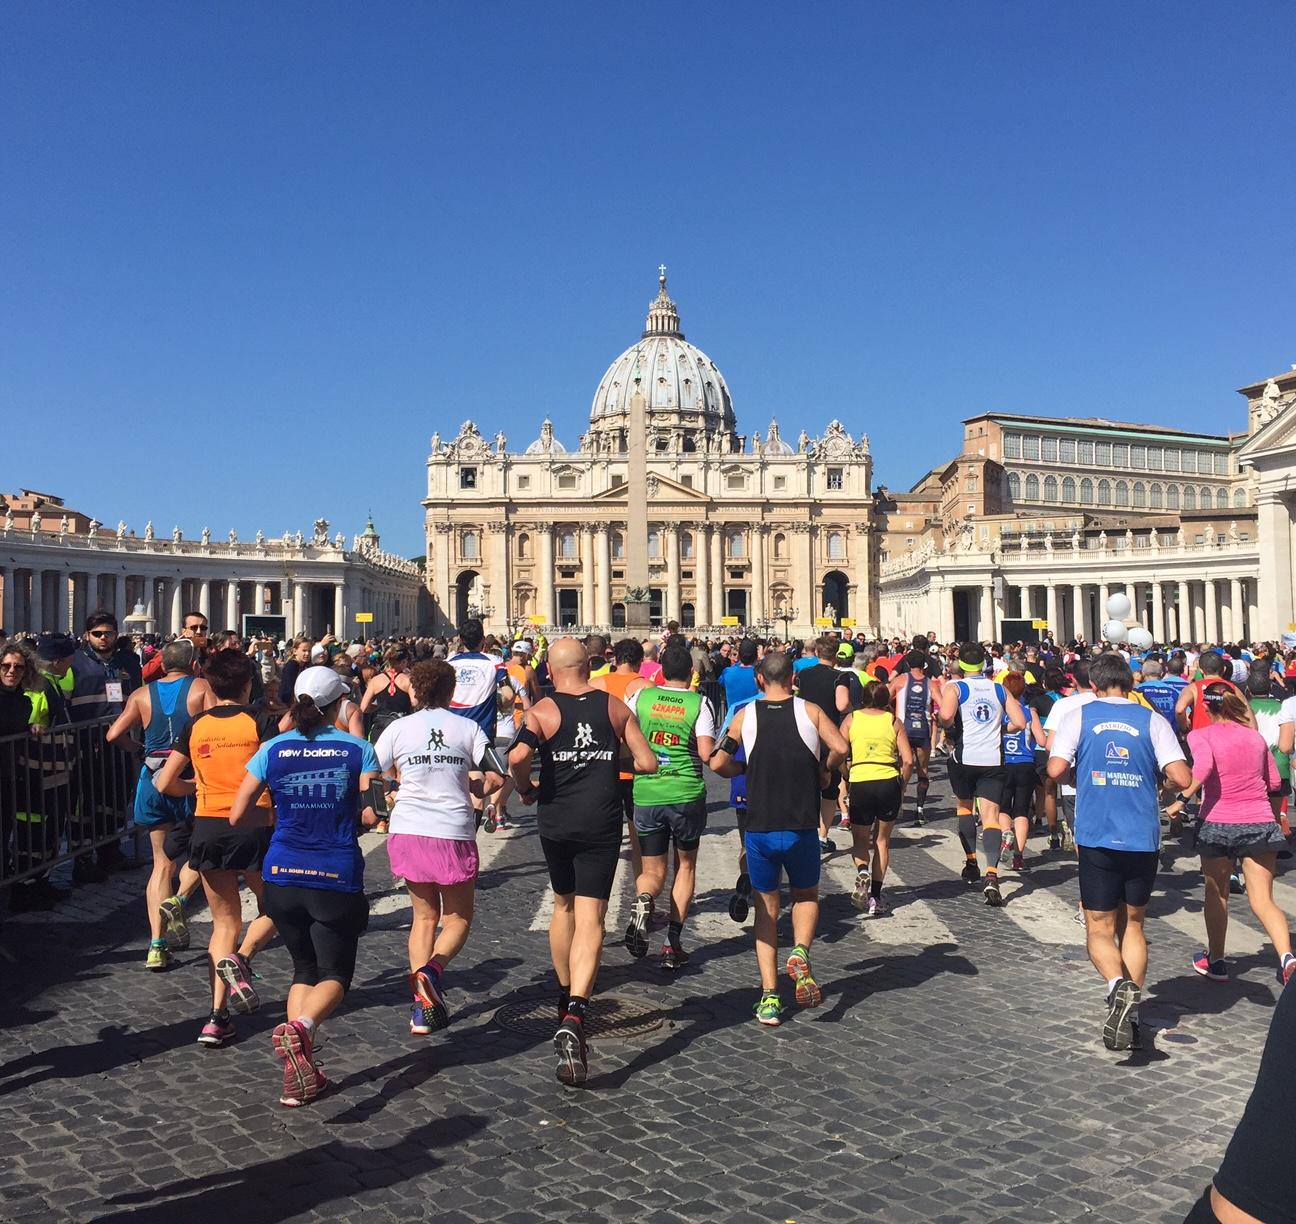 Al 17° km ecco Piazza San Pietro